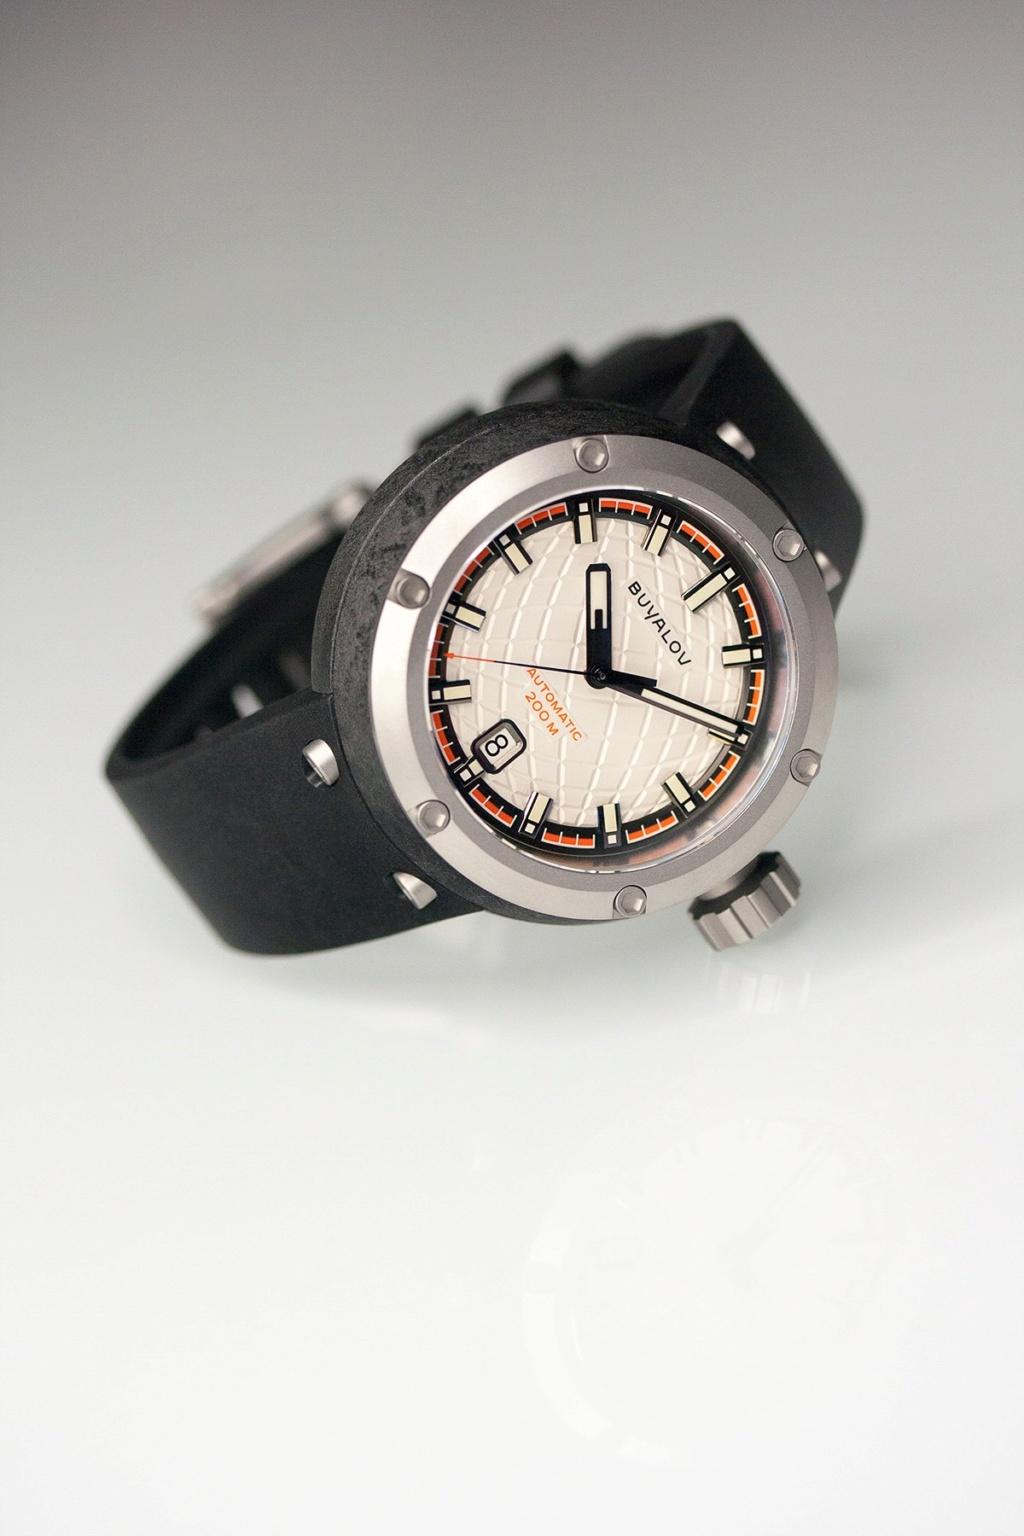 BUYALOV Watches ... lancement prochain 40538910